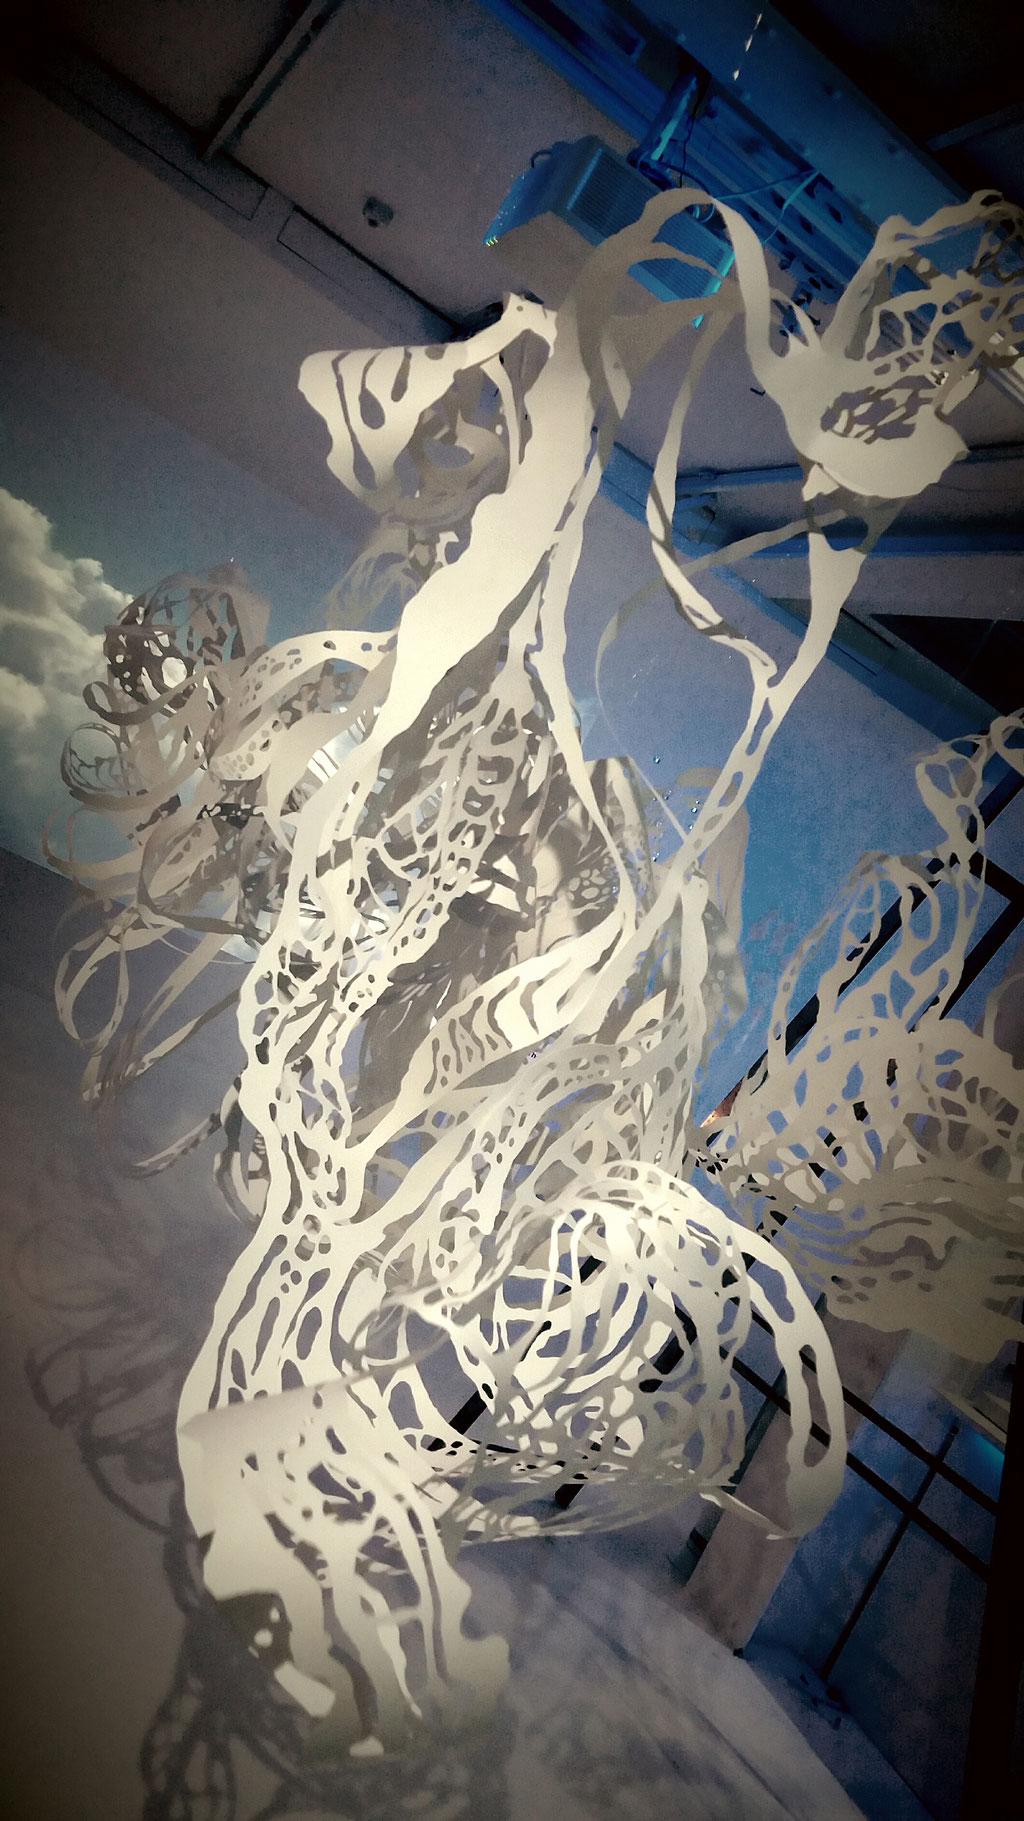 Installazione in carta tagliata a mano